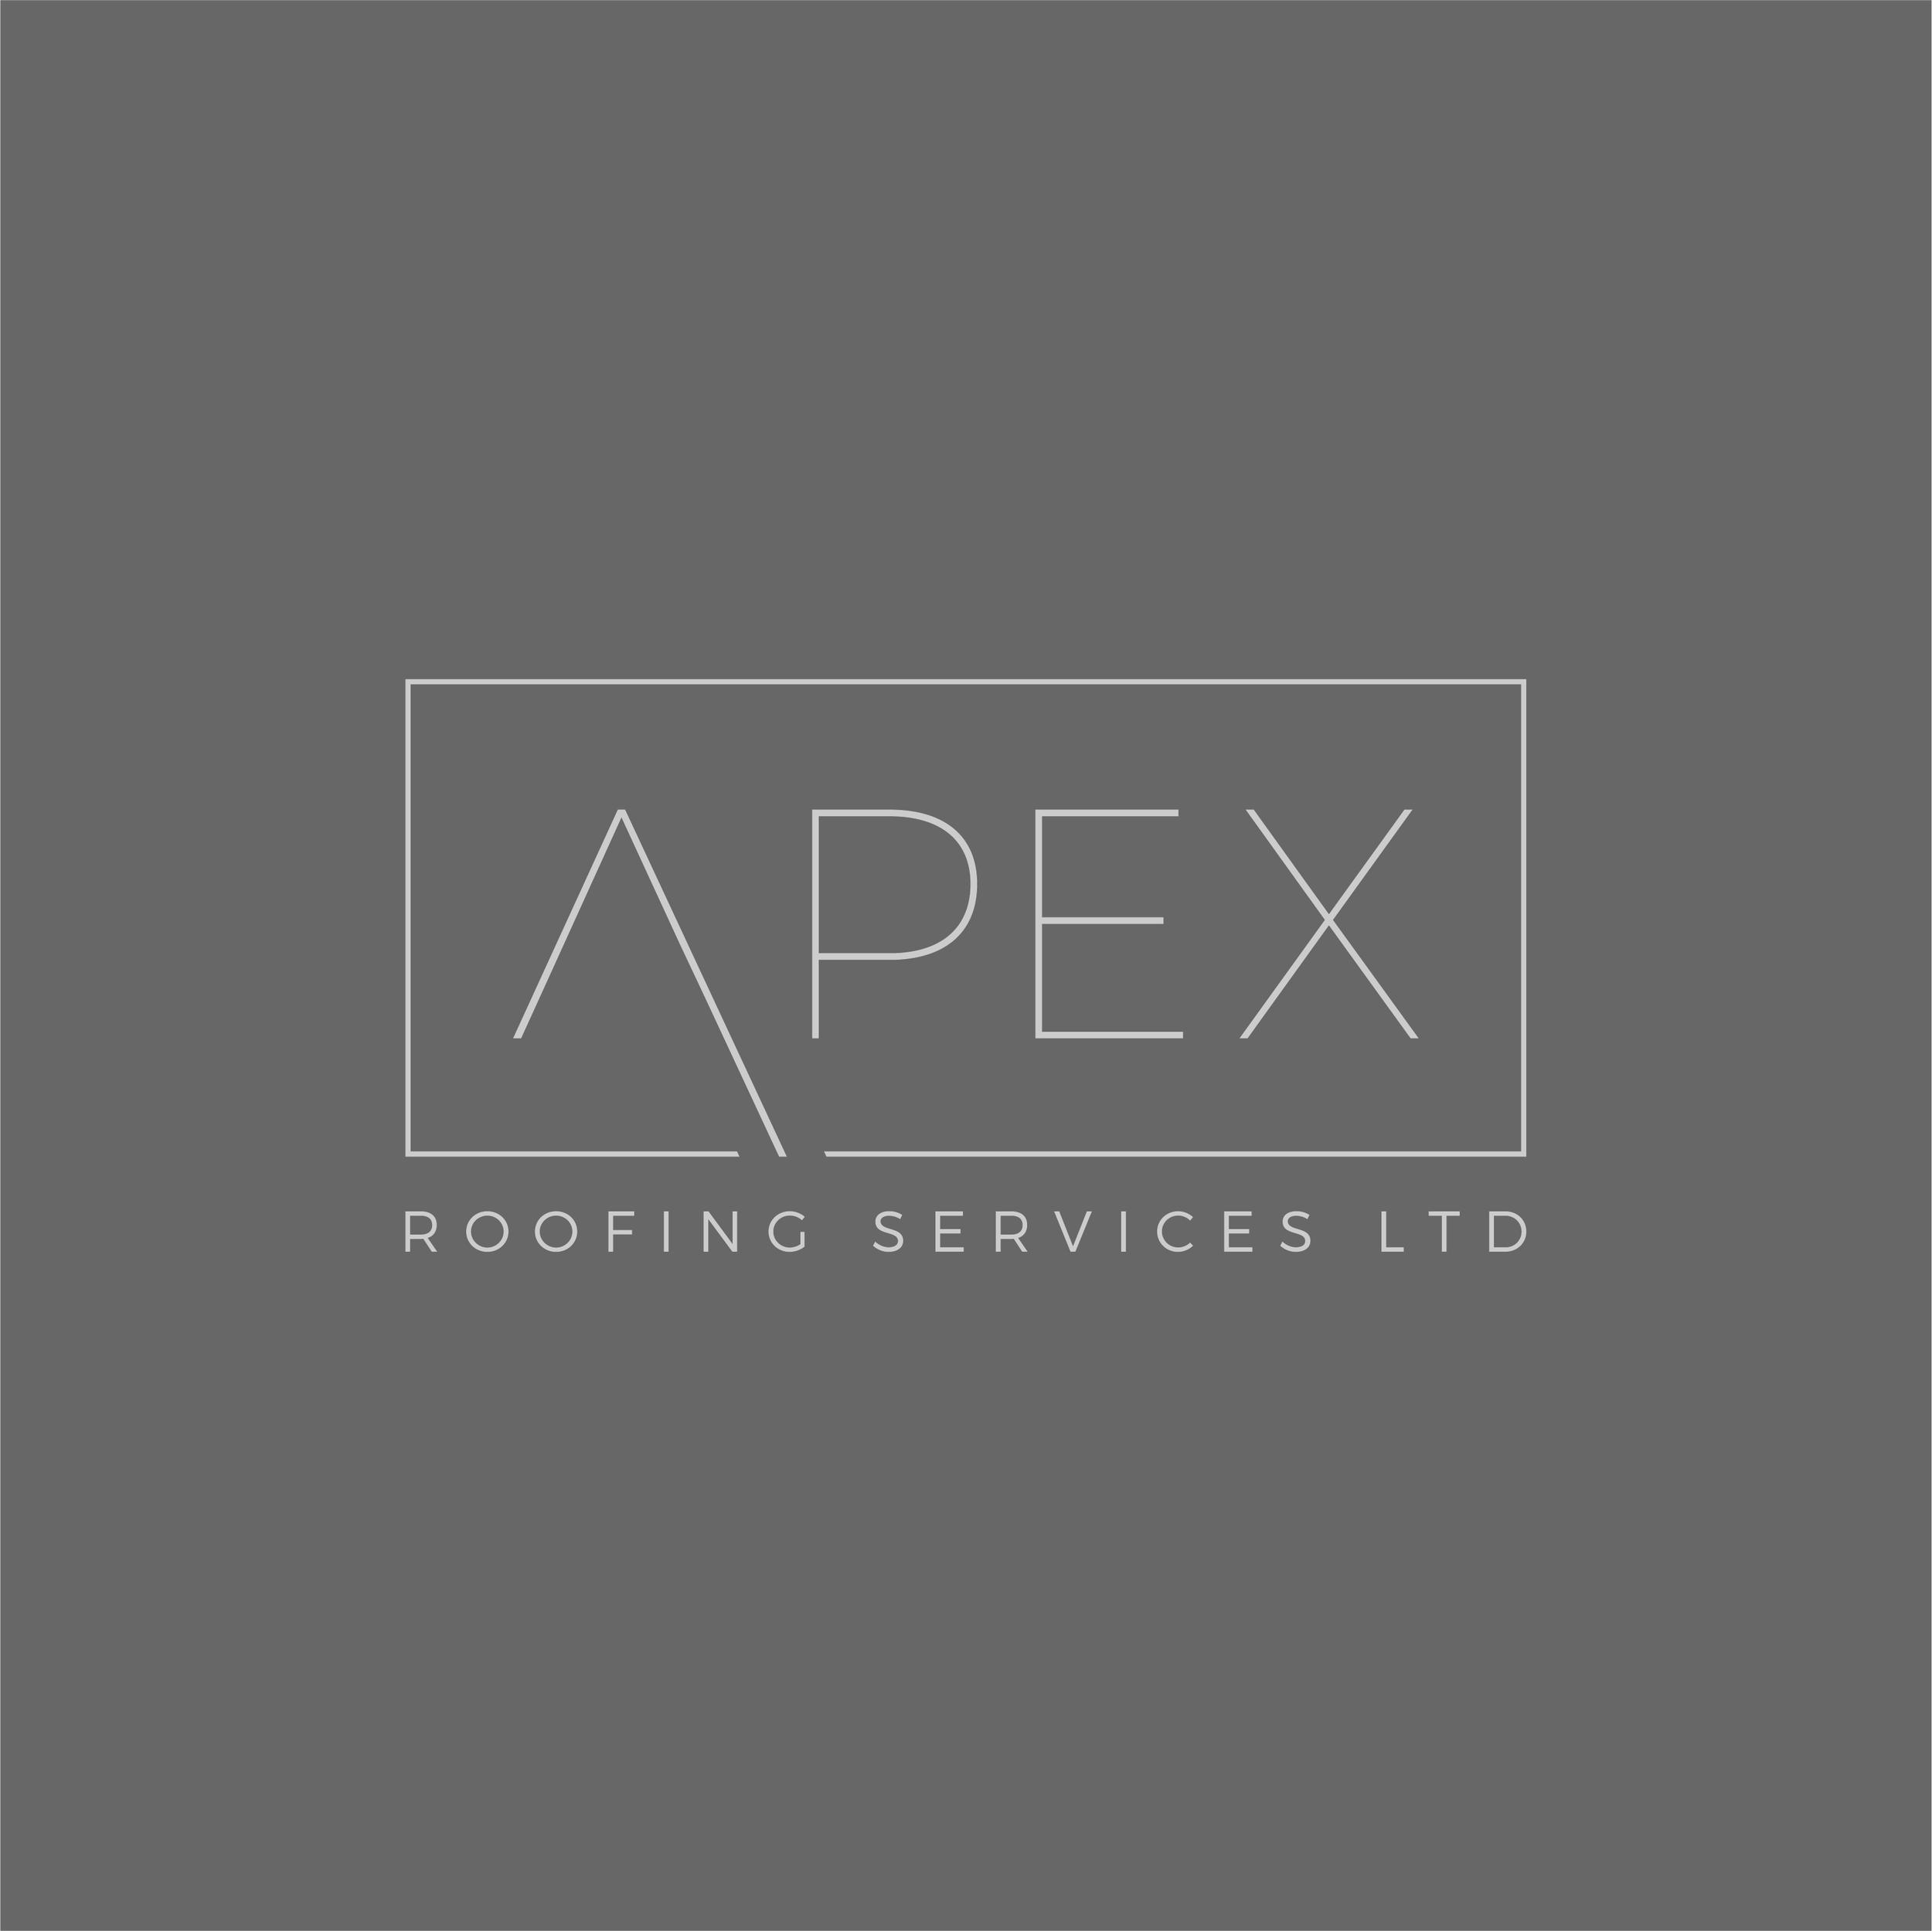 Apex Logo Design